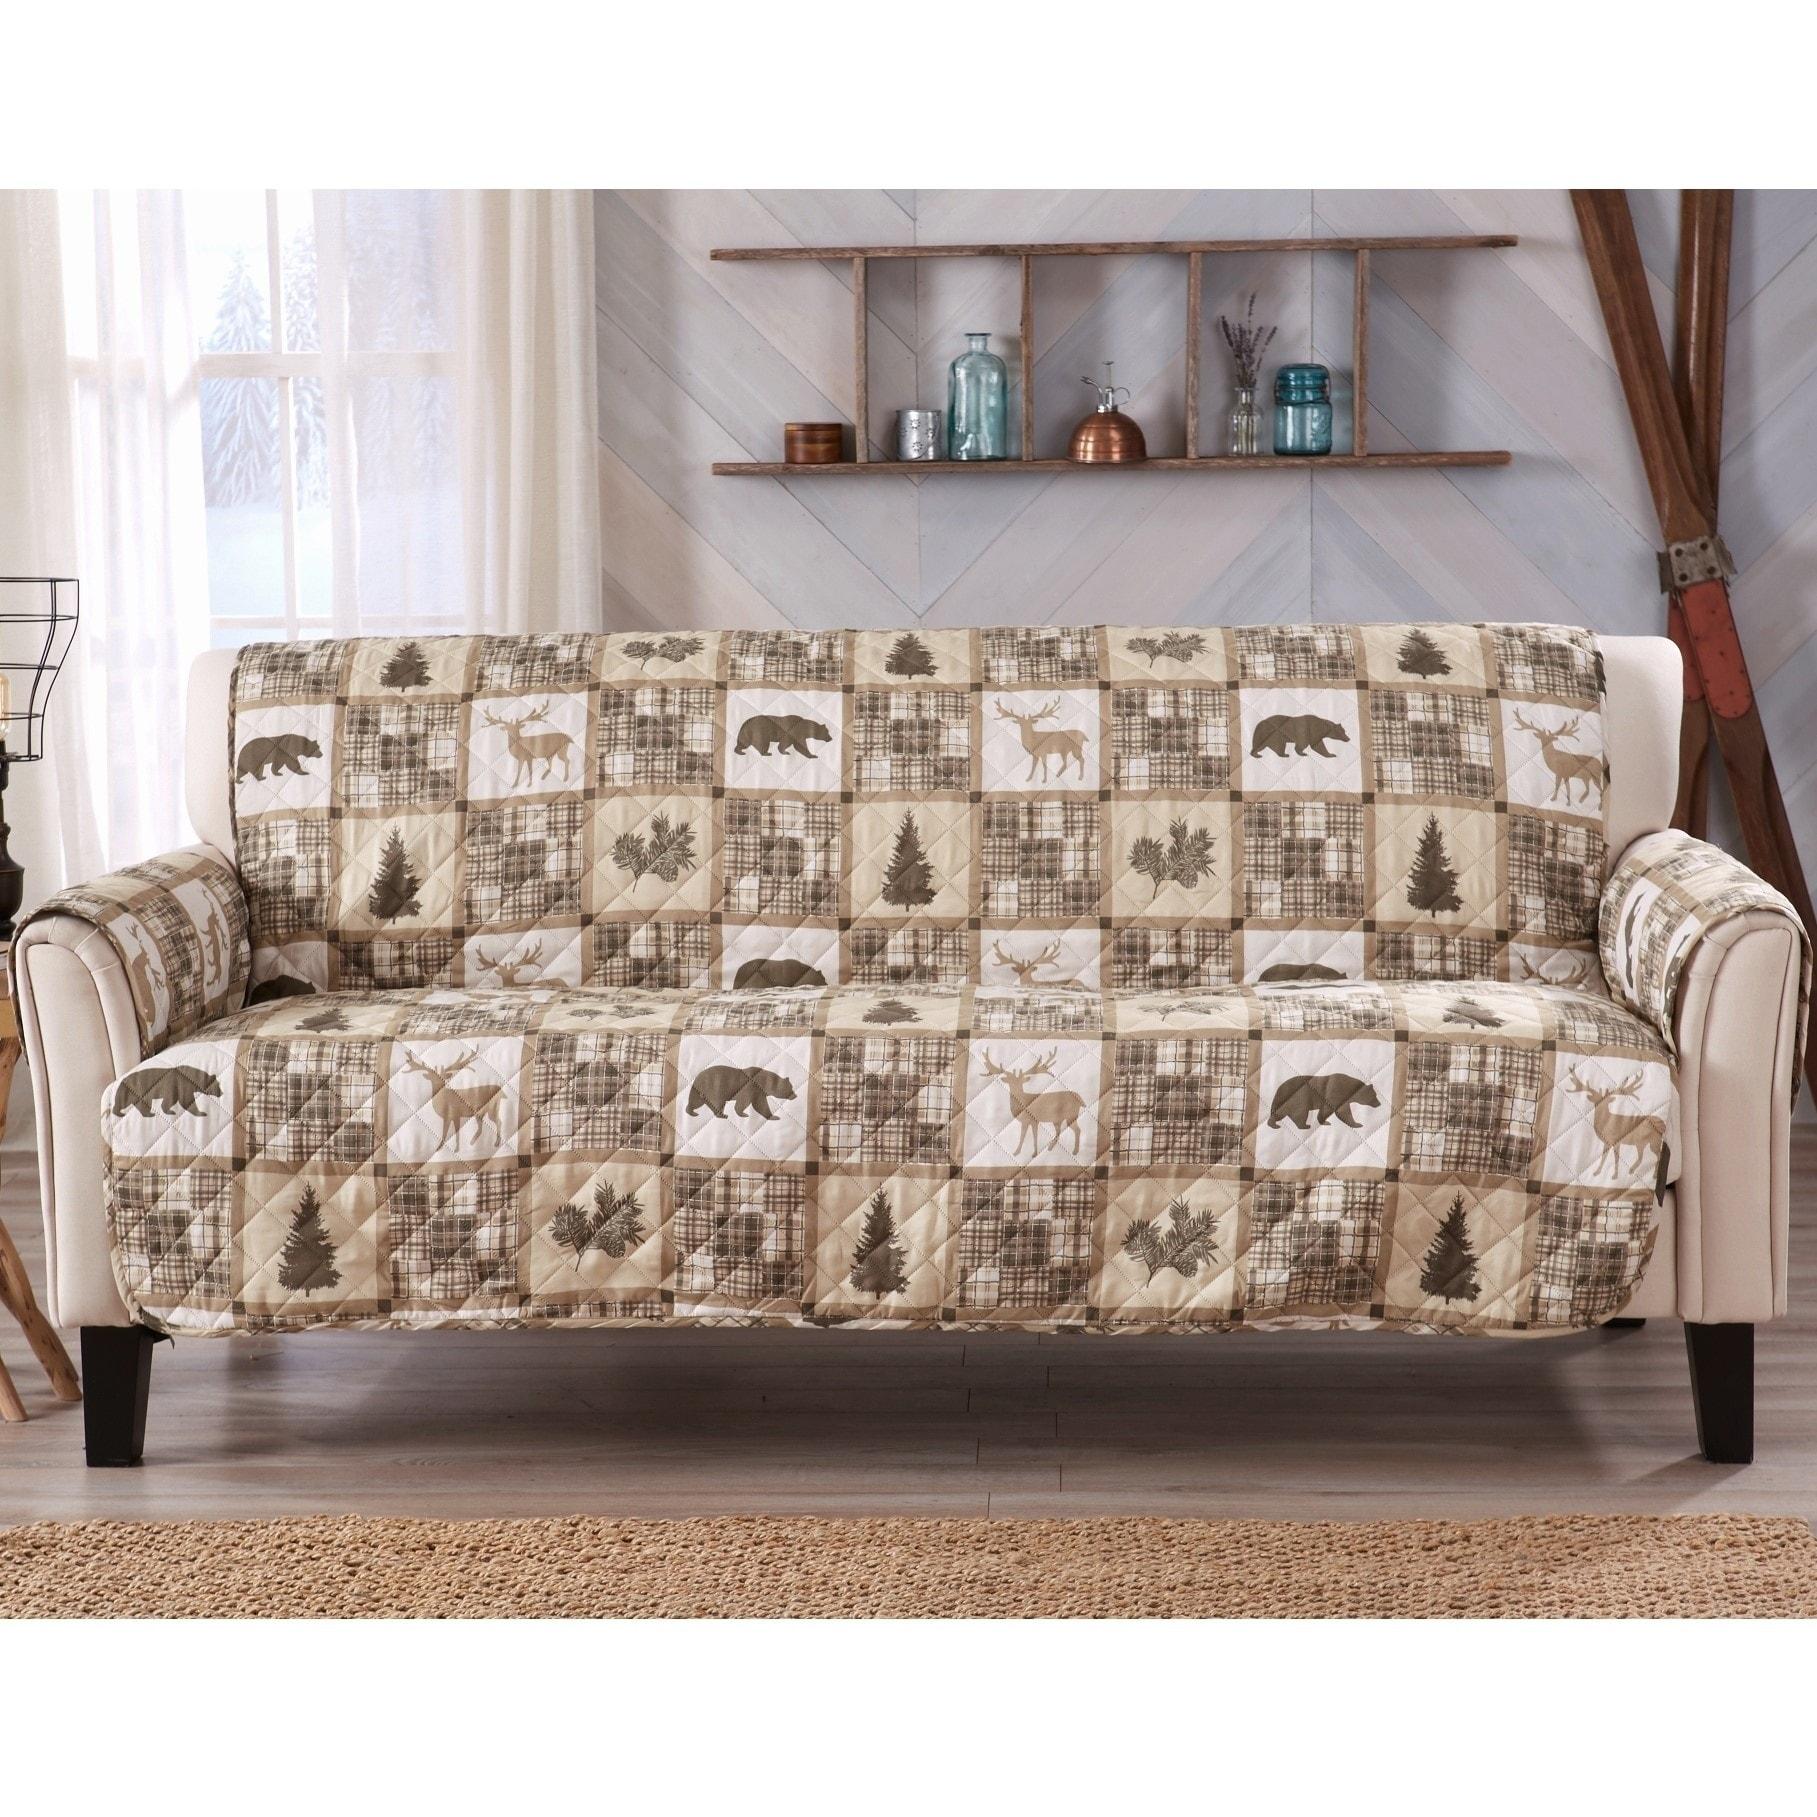 Sofa Saver Lodge Rustic Reversible Stain Resistant Printed Sofa Furniture  Protector